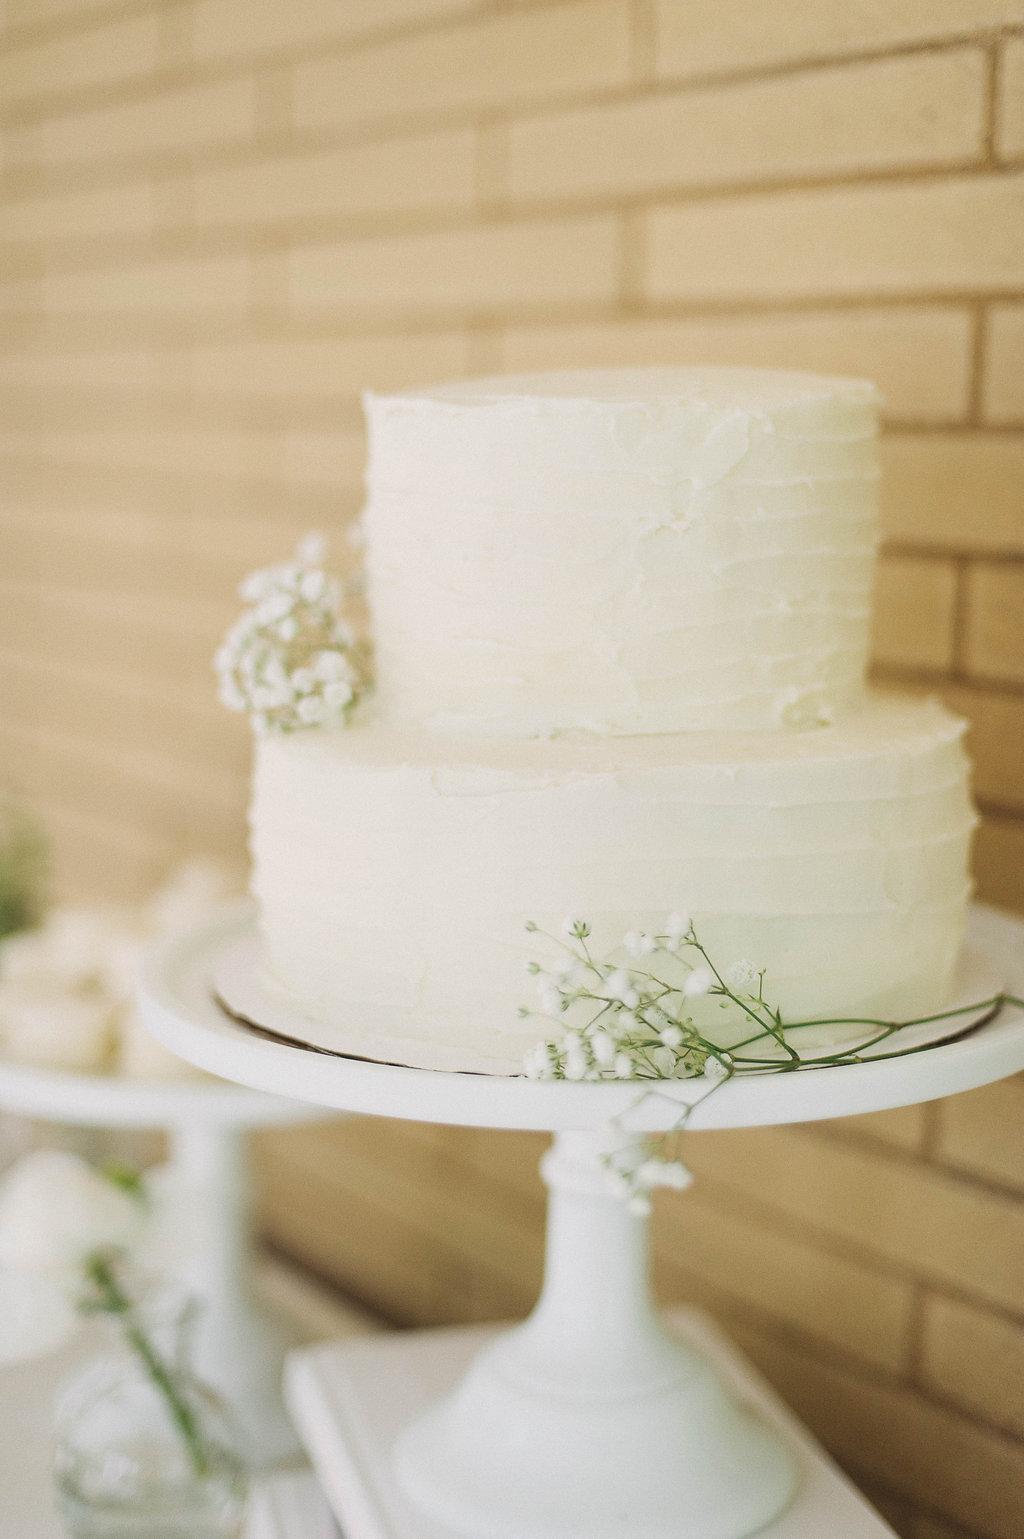 White|Cake_DSCN-27